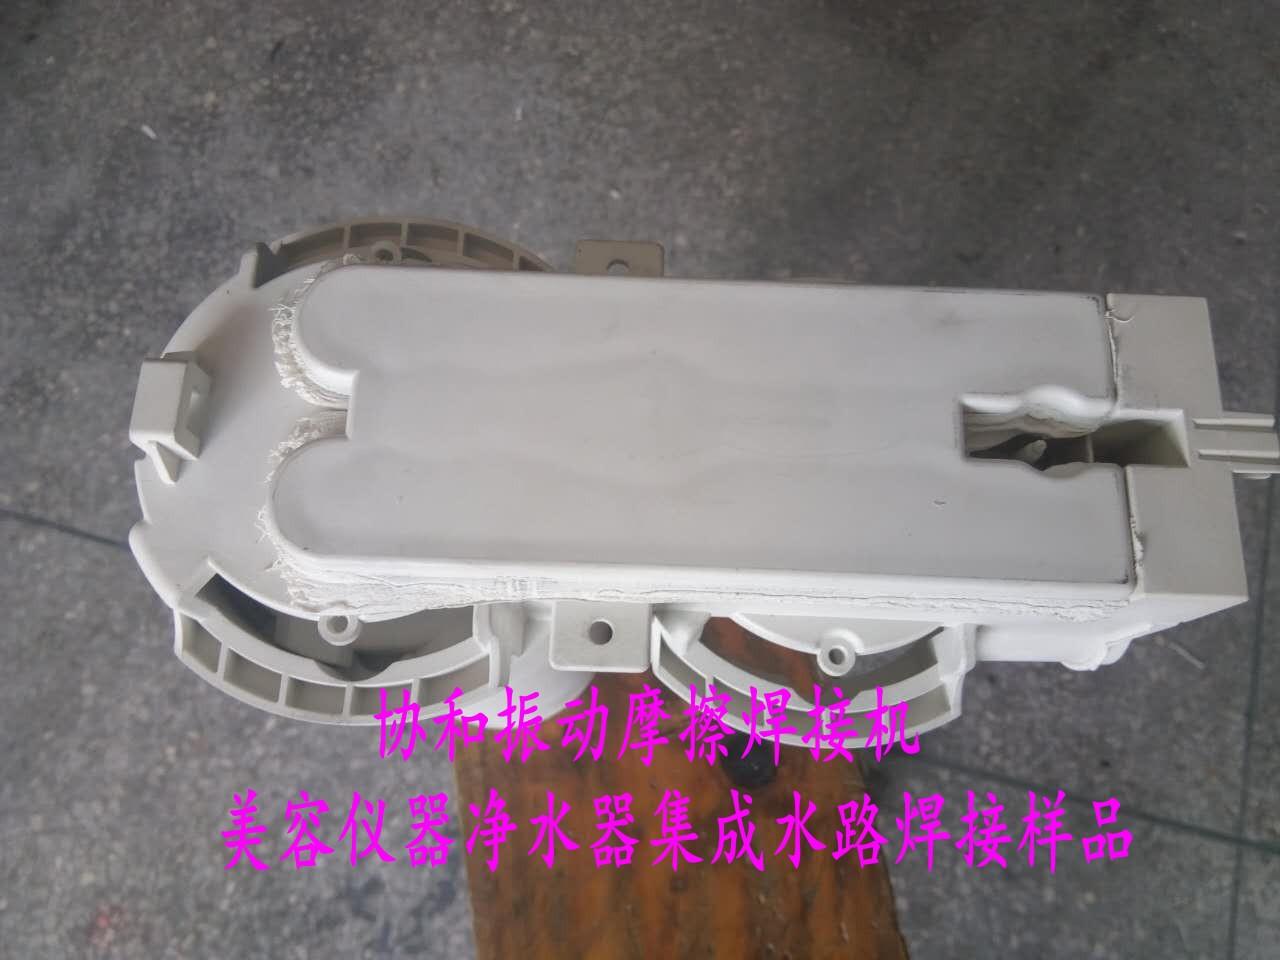 振动摩擦机焊接加工 各种塑胶防气密焊接协助模具设计示例图3